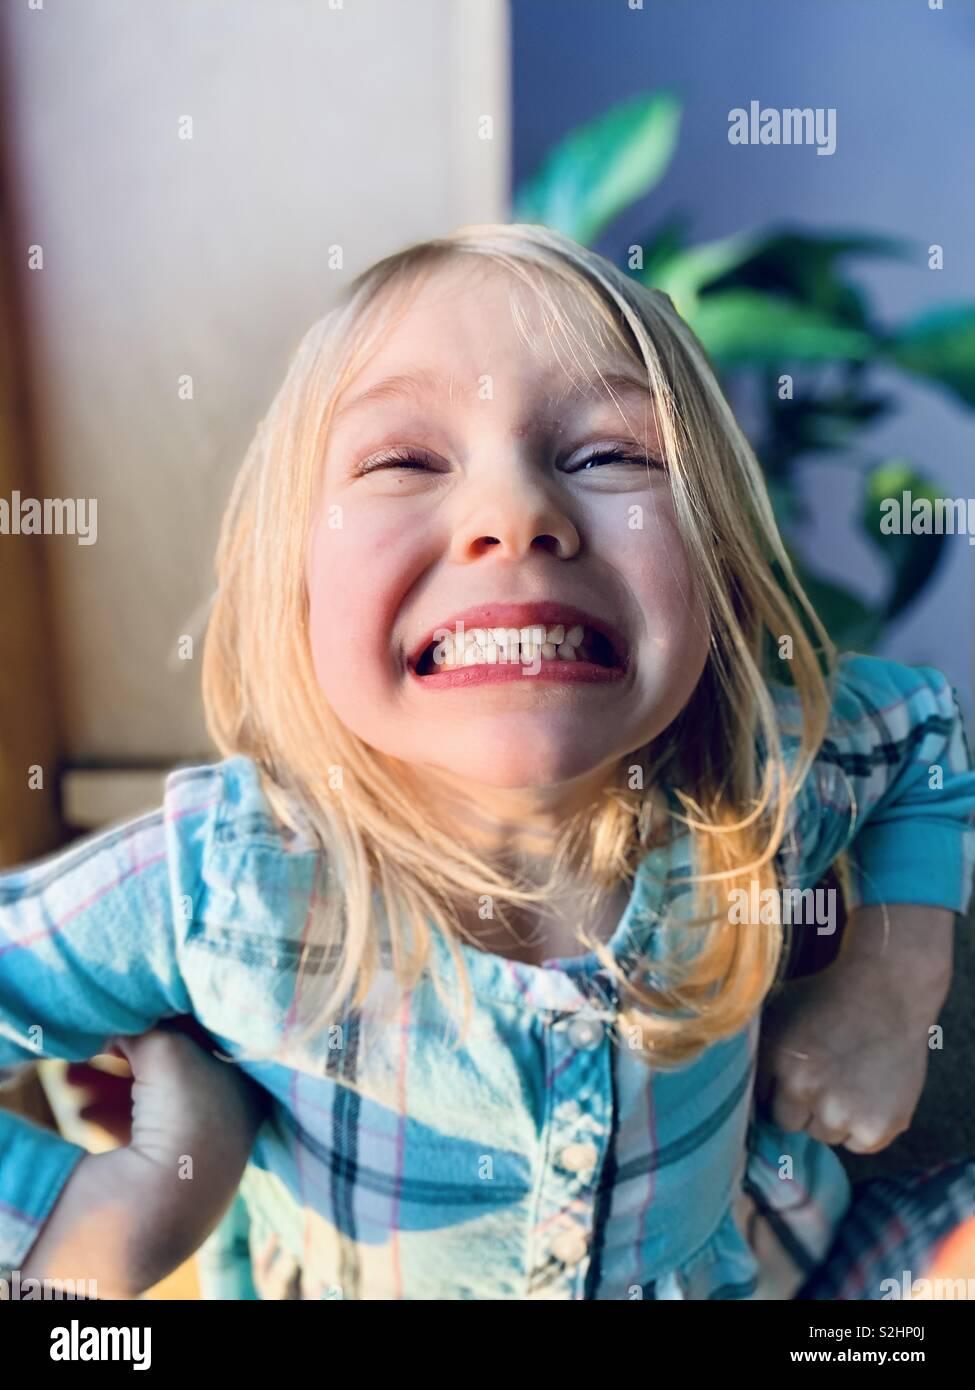 Jeune fille blonde avec un grand sourire. Banque D'Images